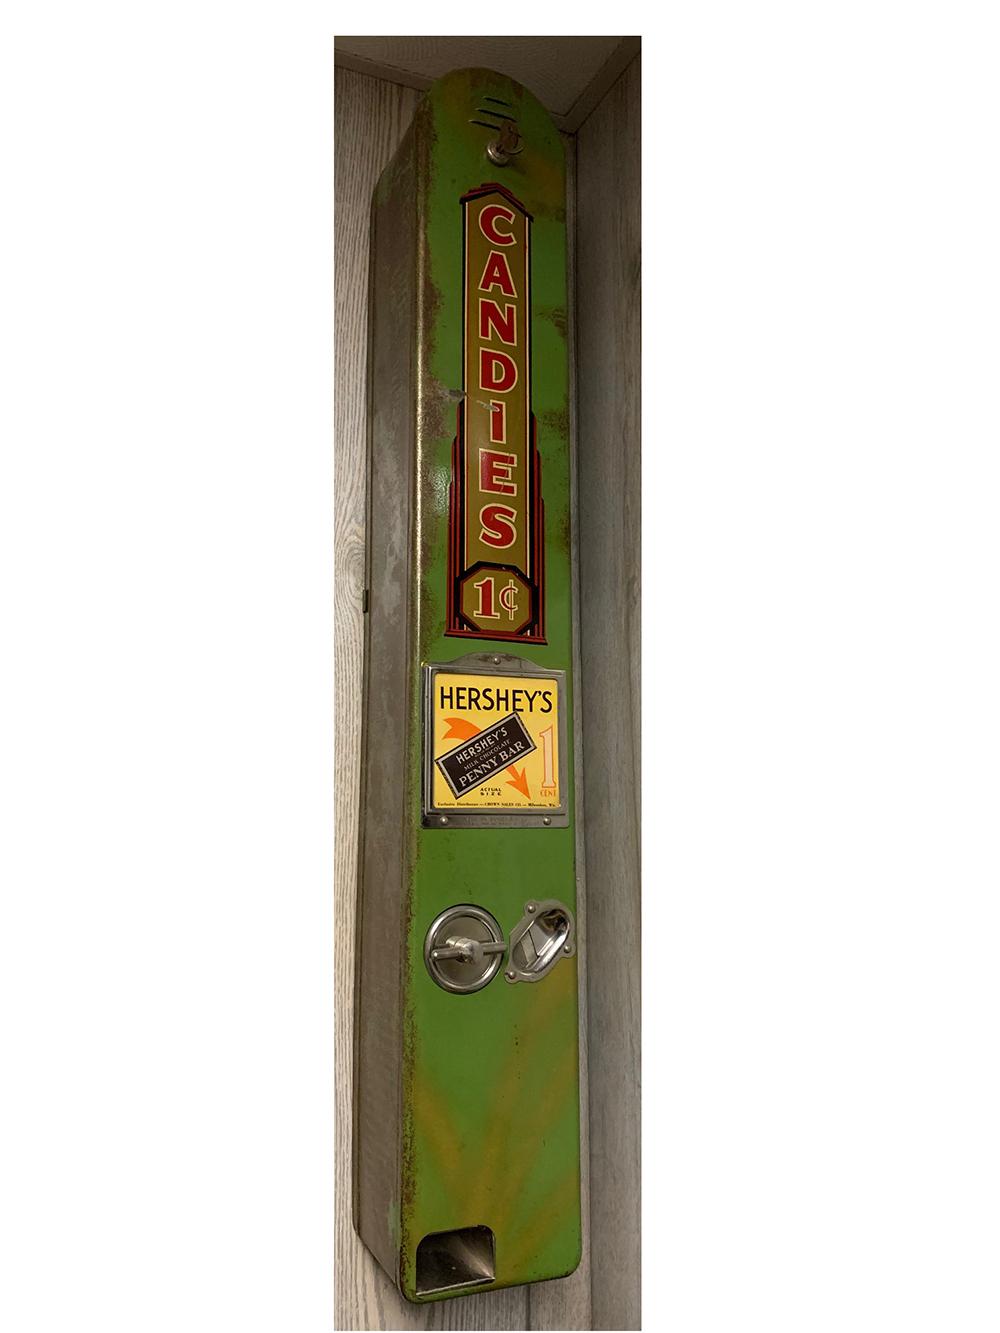 1 Cent Candy Dispenser